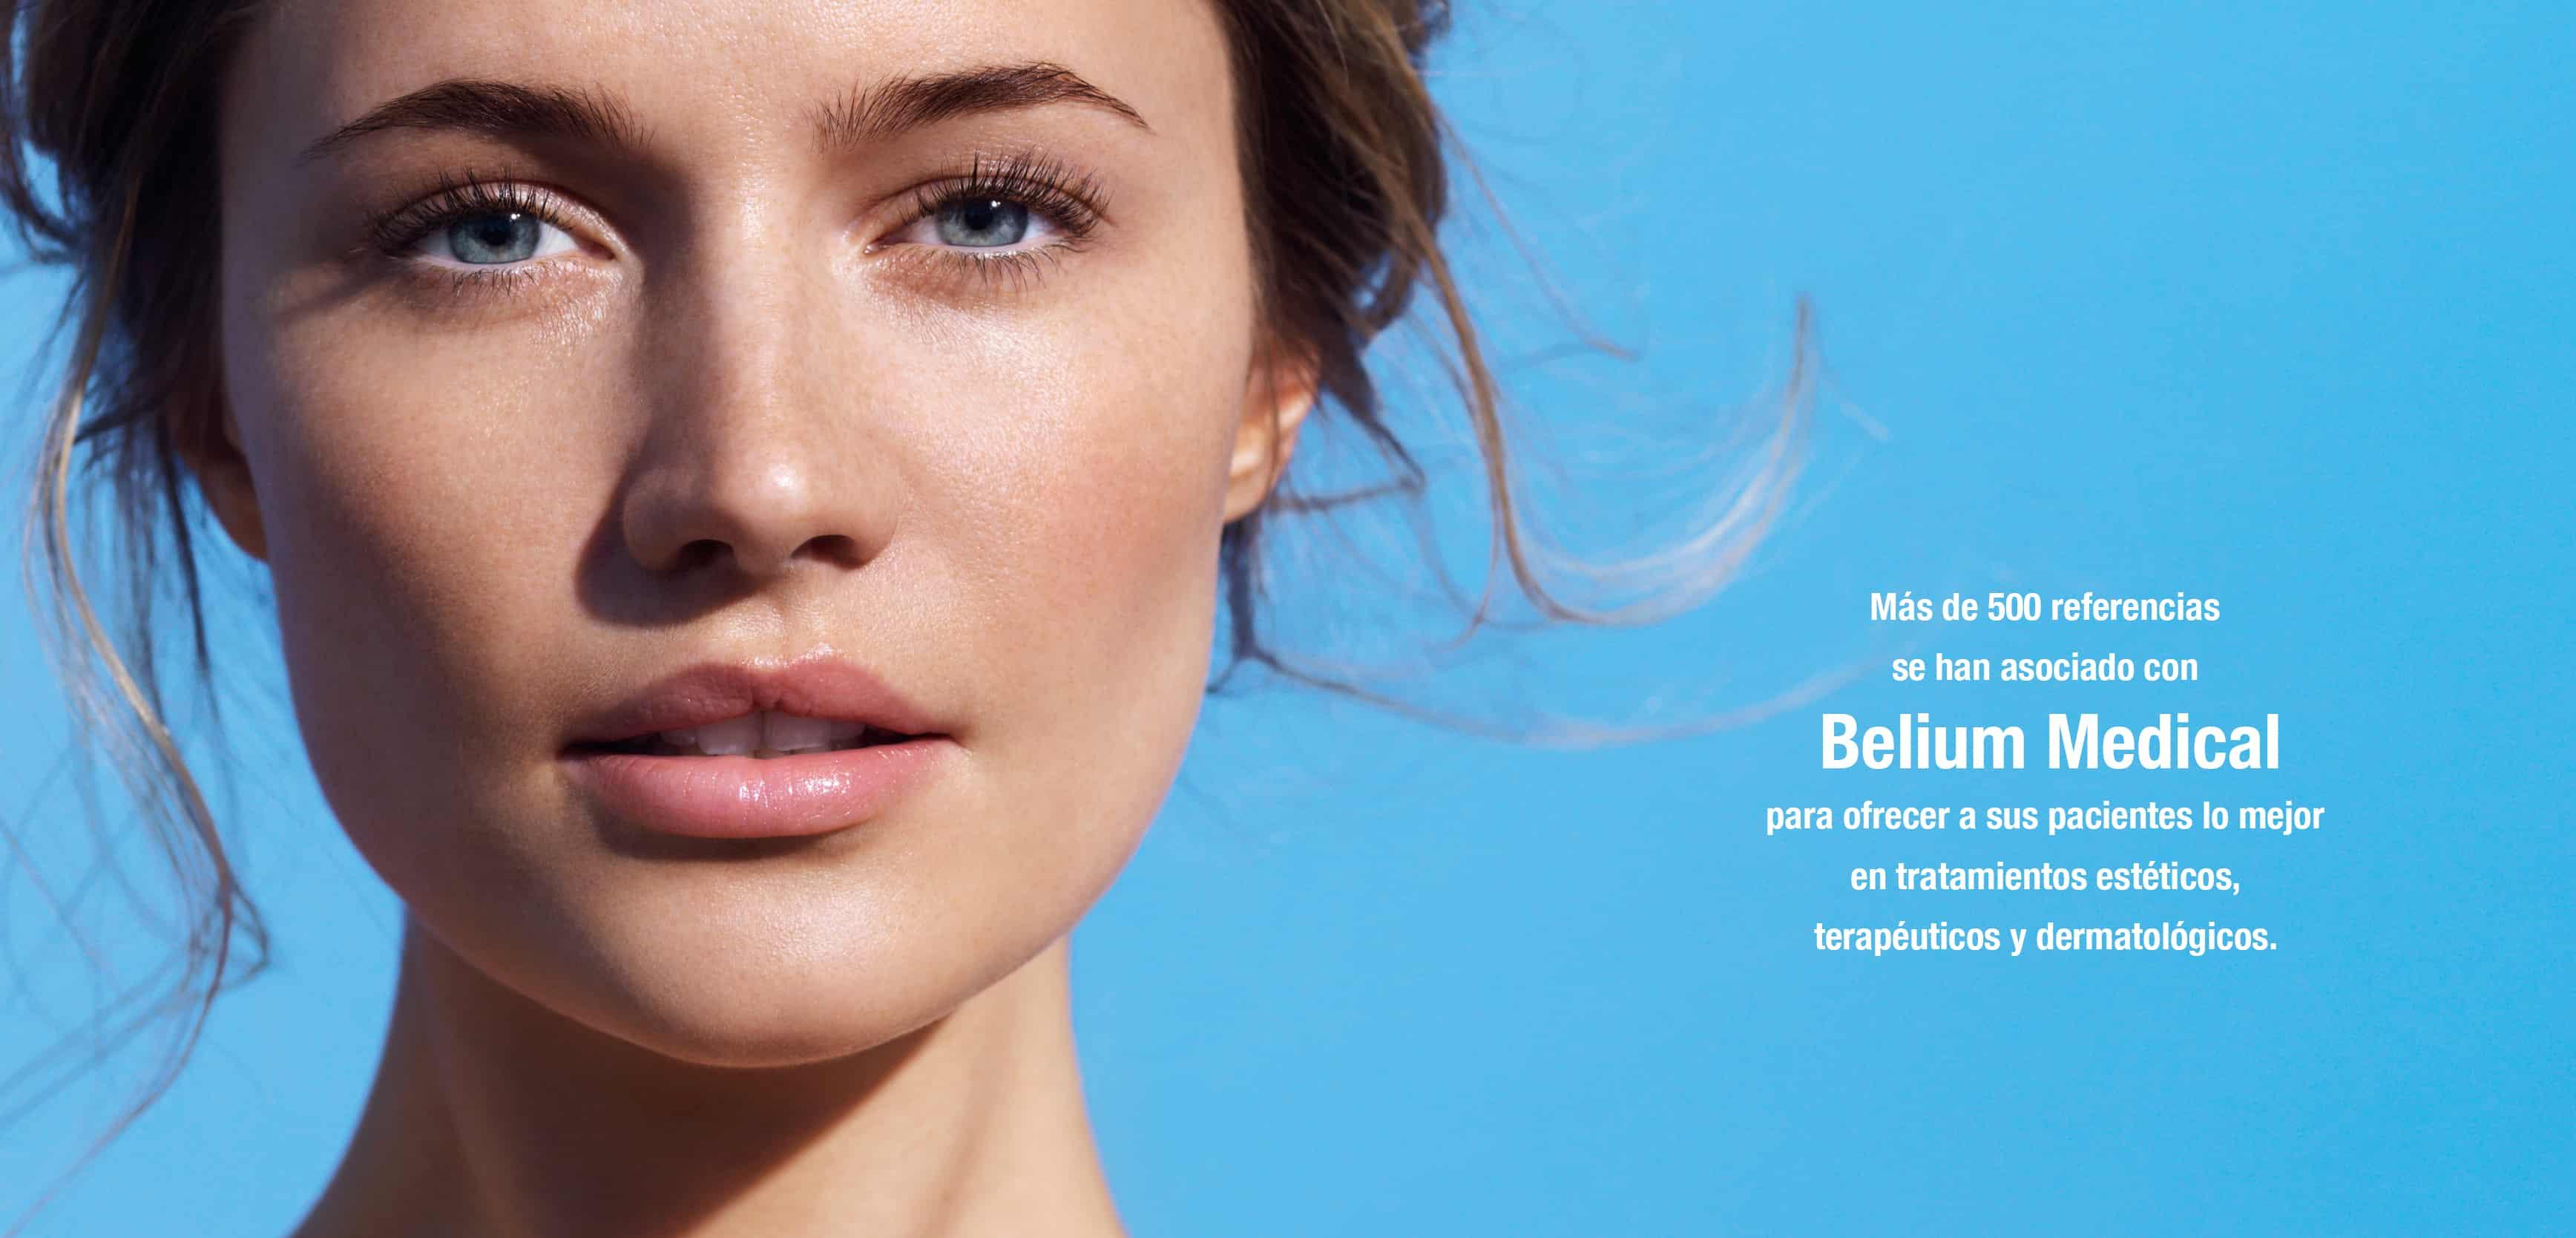 belium medical aparatología distribuidor gijon asturias medicina estetica belleza rejuvenecimiento piel españa